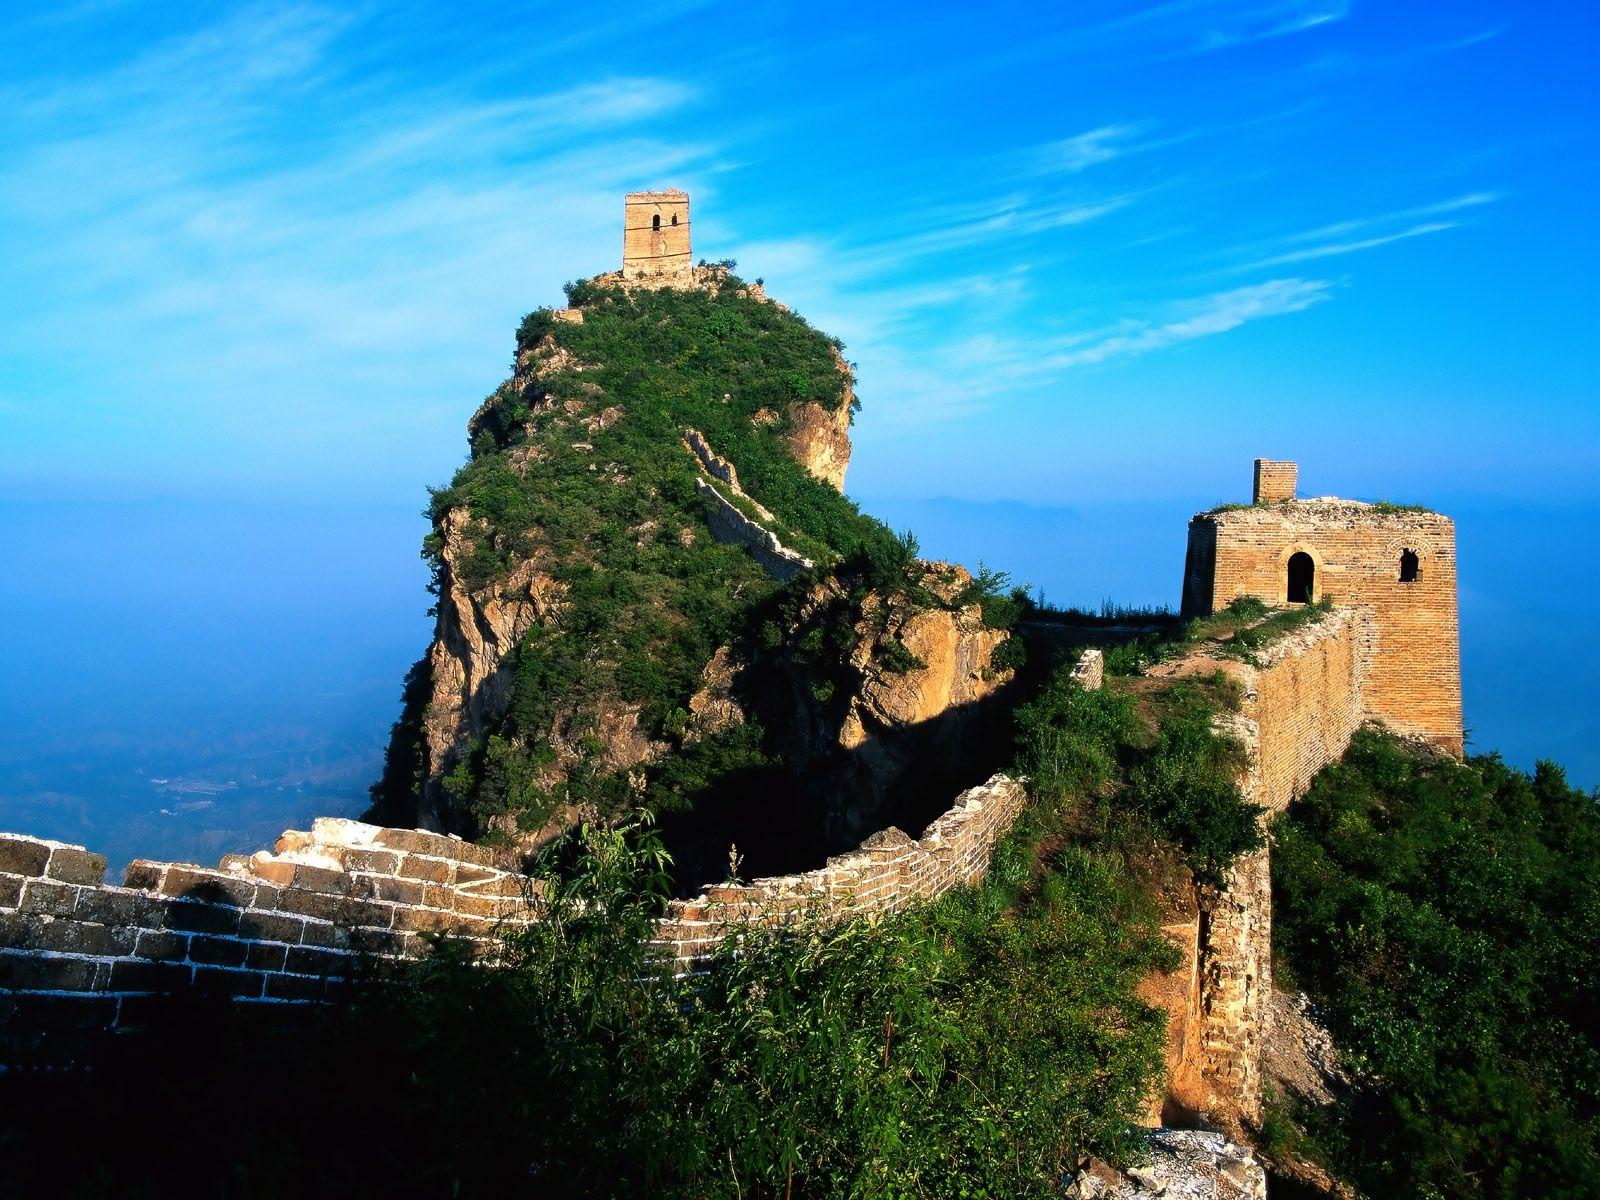 La Gran Muralla China comoestudiarchino.com